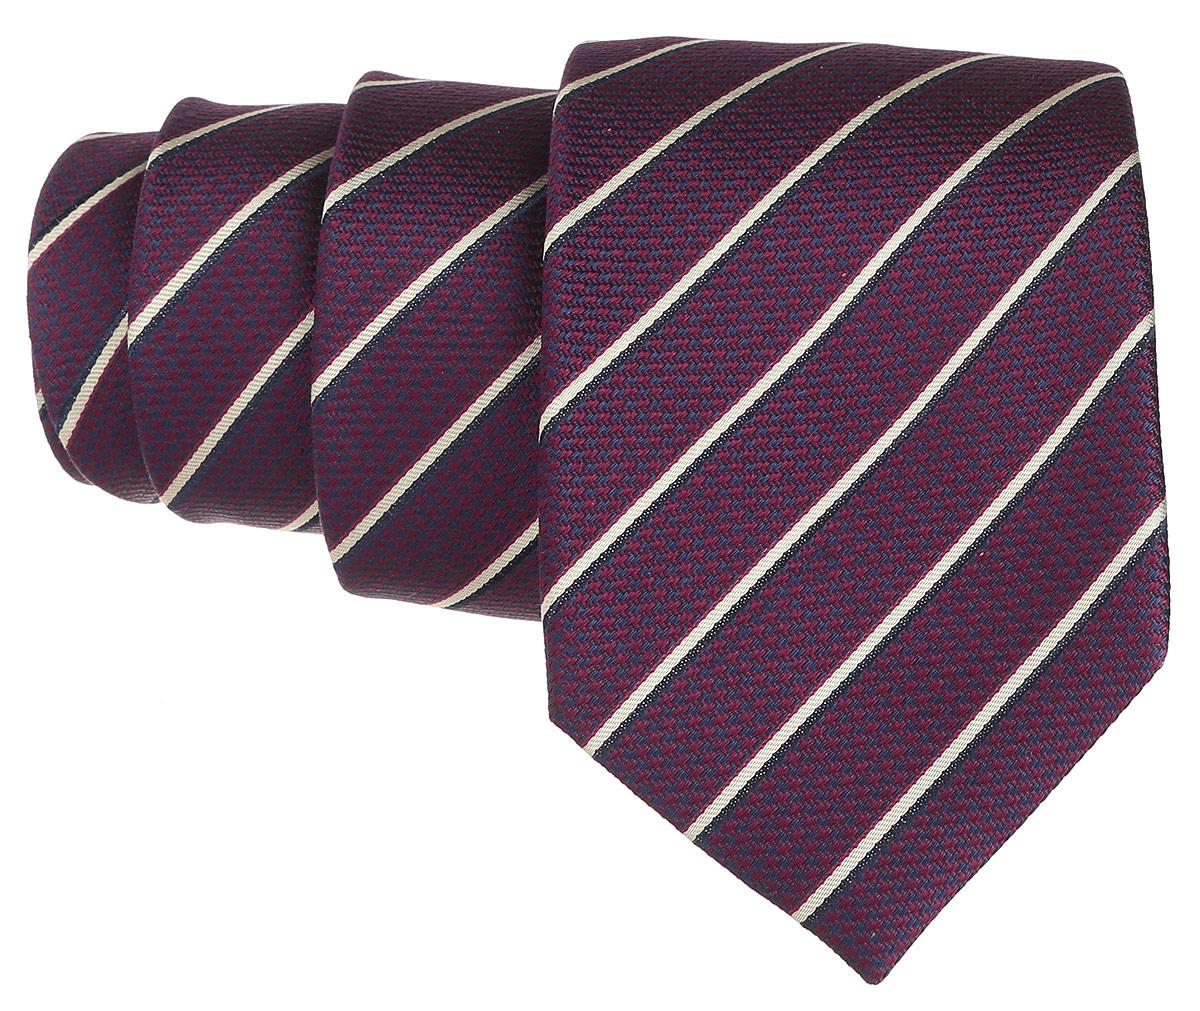 Галстук. 12.01410612.014106Стильный галстук BTC станет отличным завершающим штрихом вашего образа. Этот модный аксессуар порадует вас высоким качеством исполнения и современным дизайном. Изделие полностью выполнено из качественного шелка. Галстук оформлен оригинальным принтом. Такой оригинальный галстук подойдет как к повседневному, так и к официальному наряду, он позволит вам подчеркнуть свою индивидуальность и создать свой неповторимый стиль.